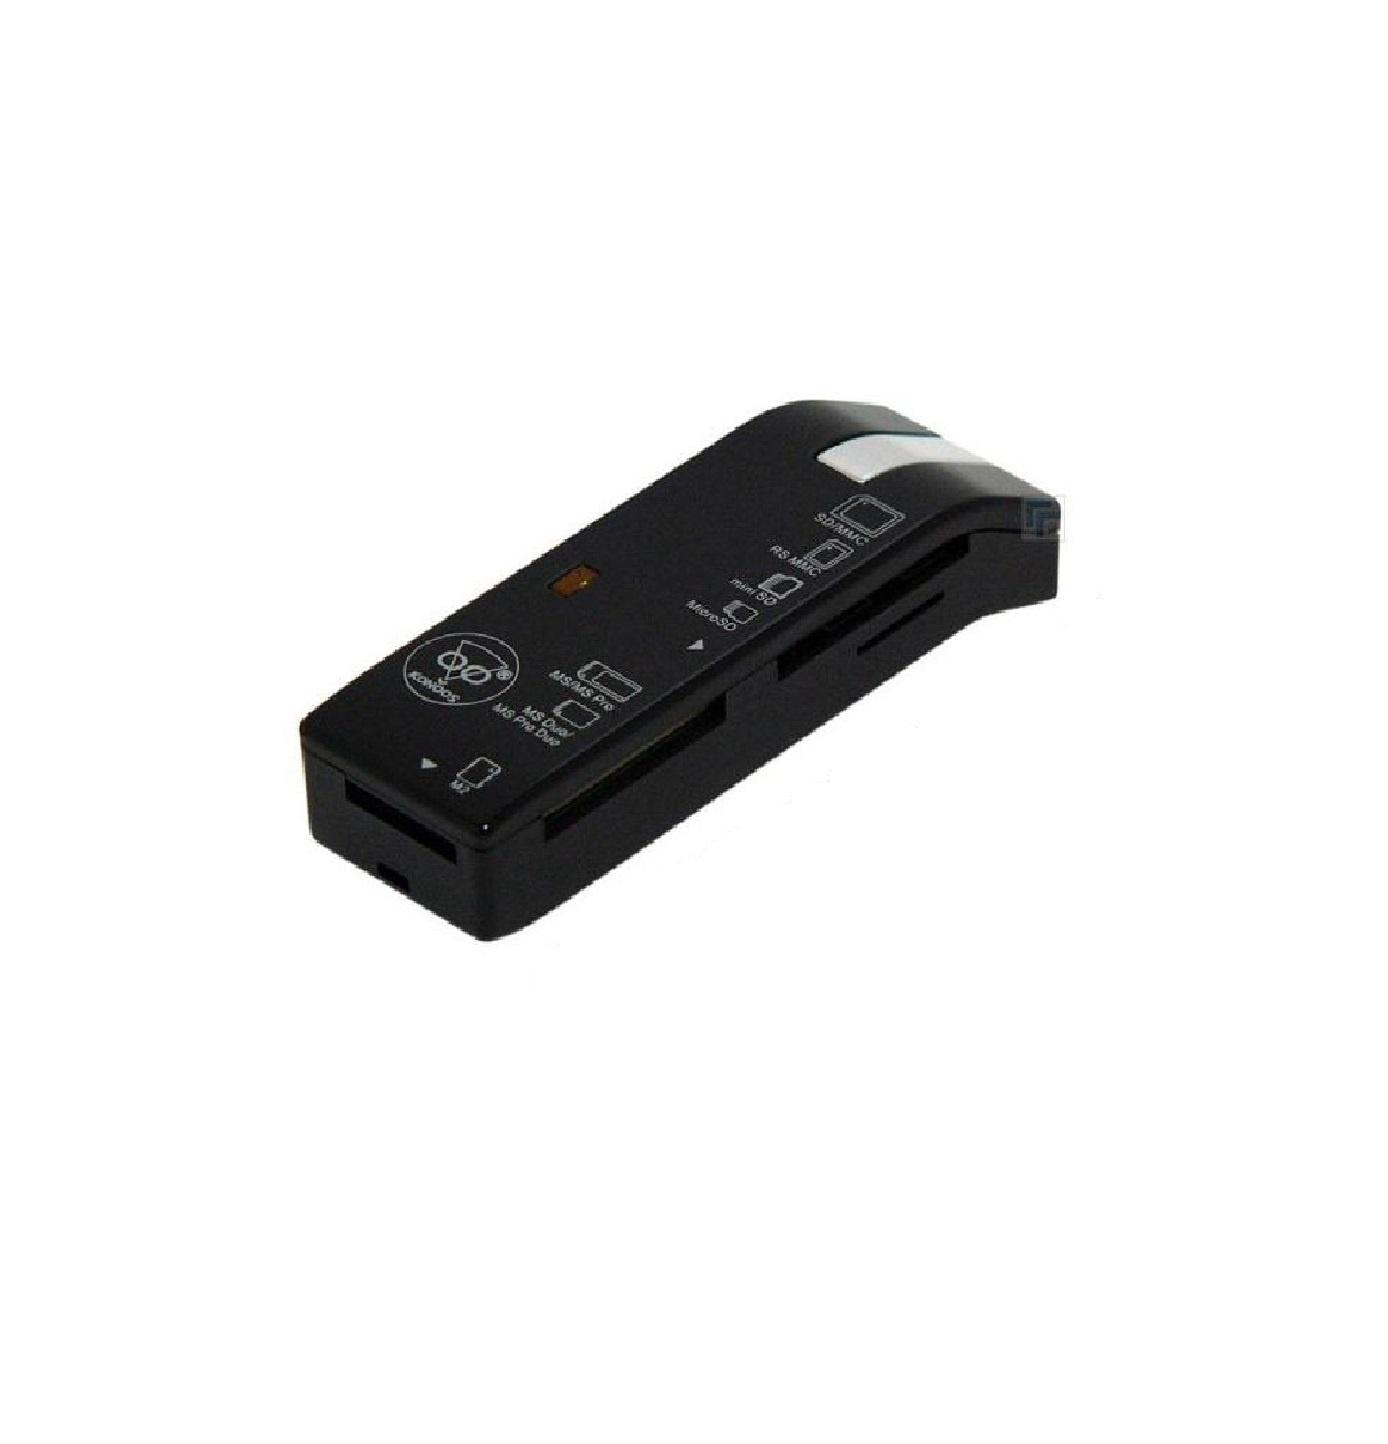 USB Флеш-накопитель Konoos UK-18, черный